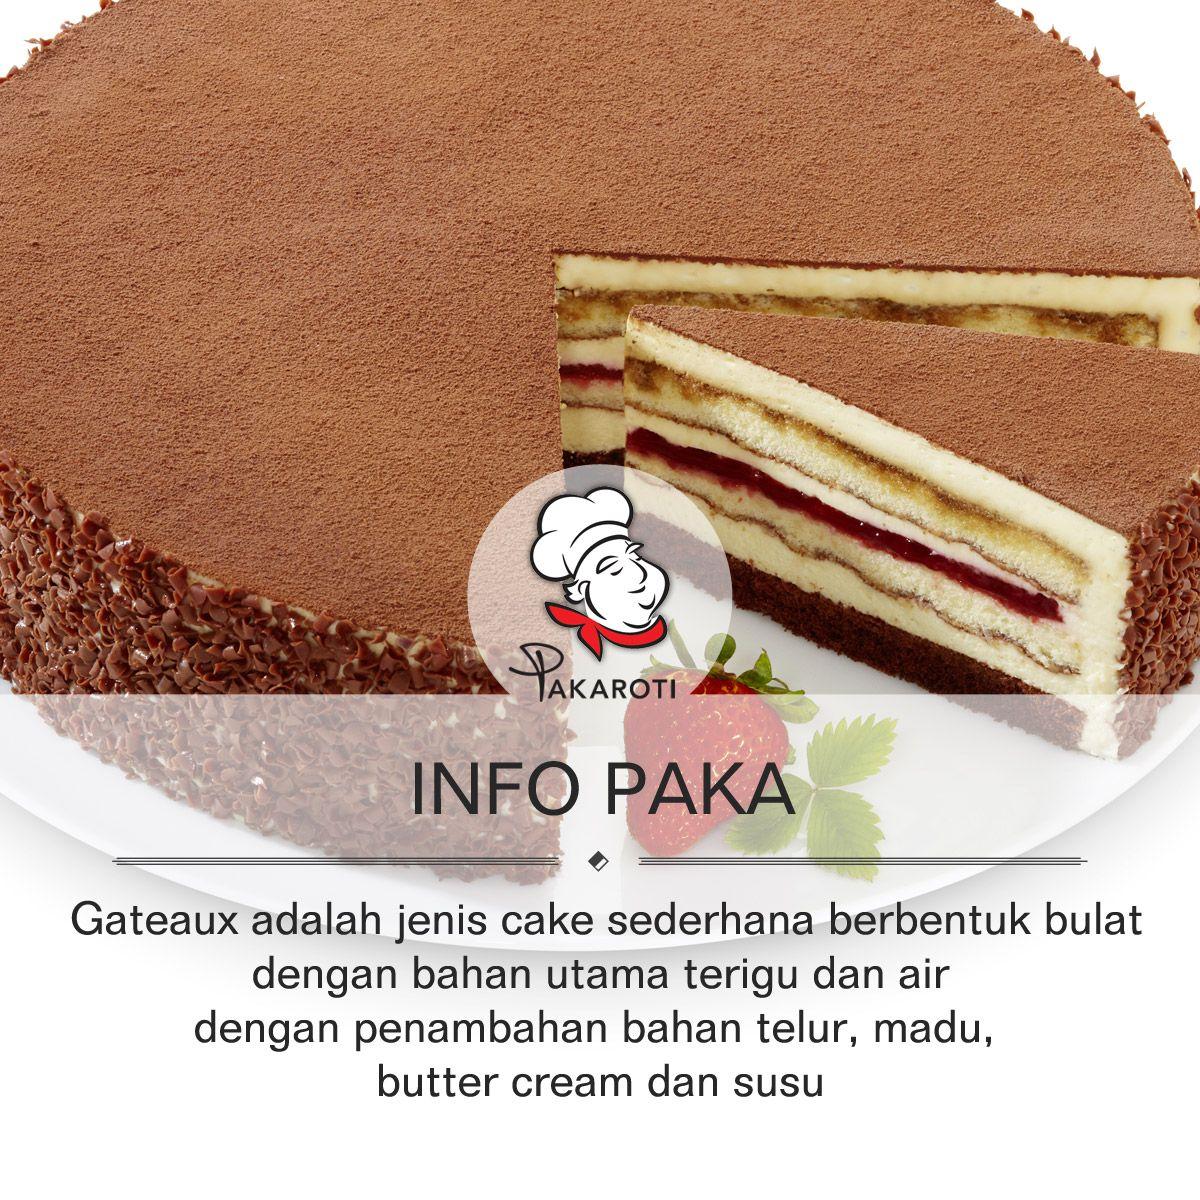 Di Perancis, cake dikenal istilah gateaux yang merupakan